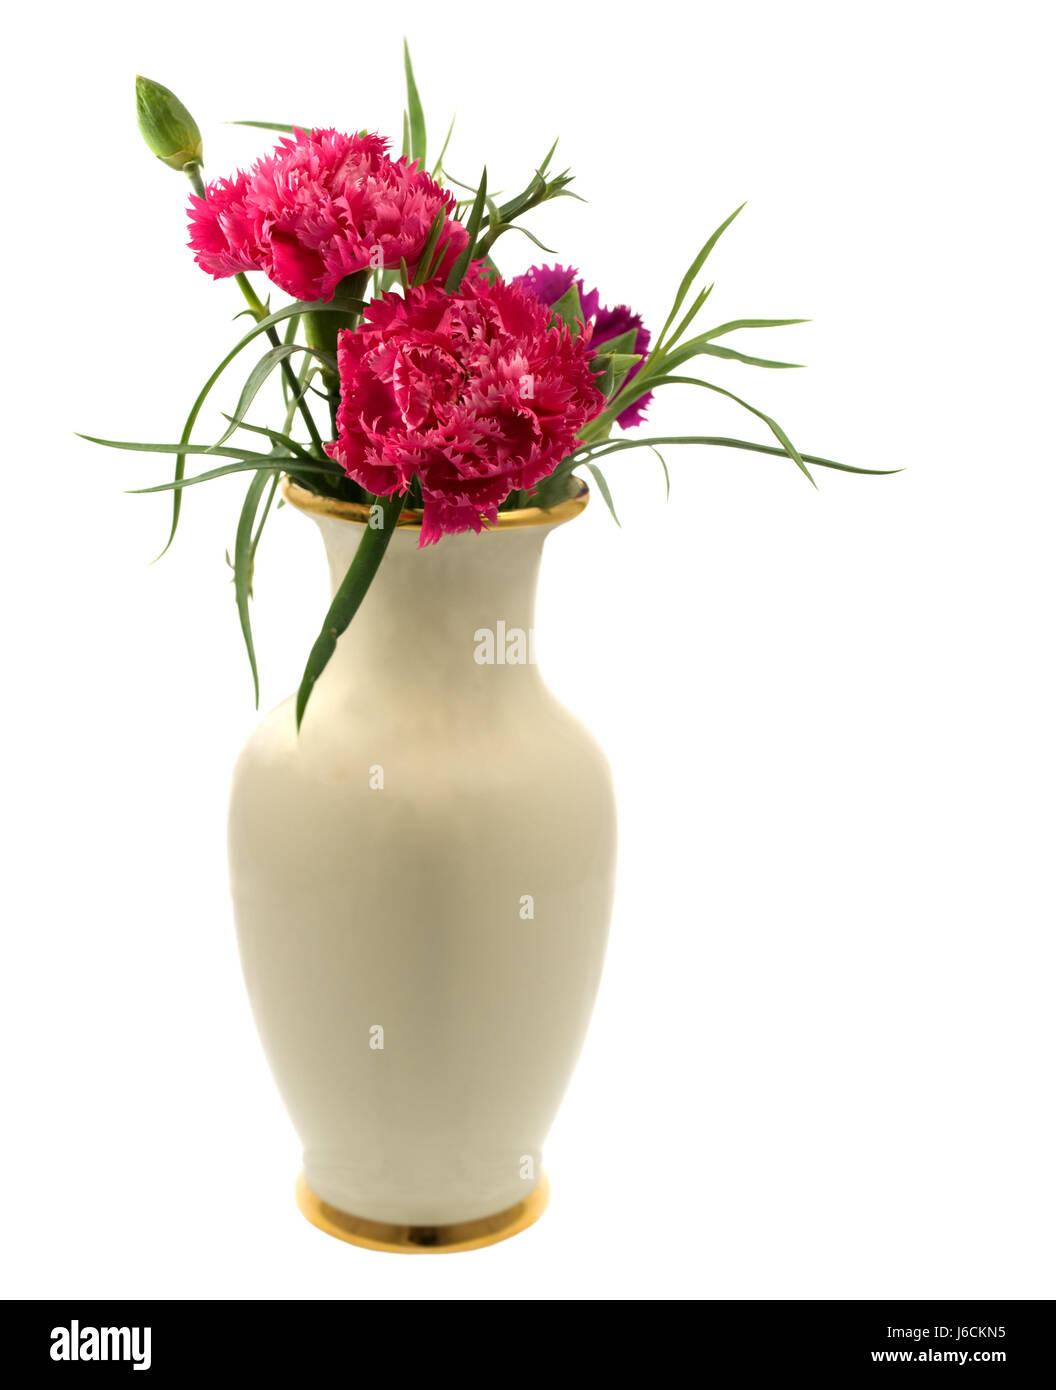 Isolierte Nelke Blume Blumen Pflanzen Isoliert Vase Blume Pflanze